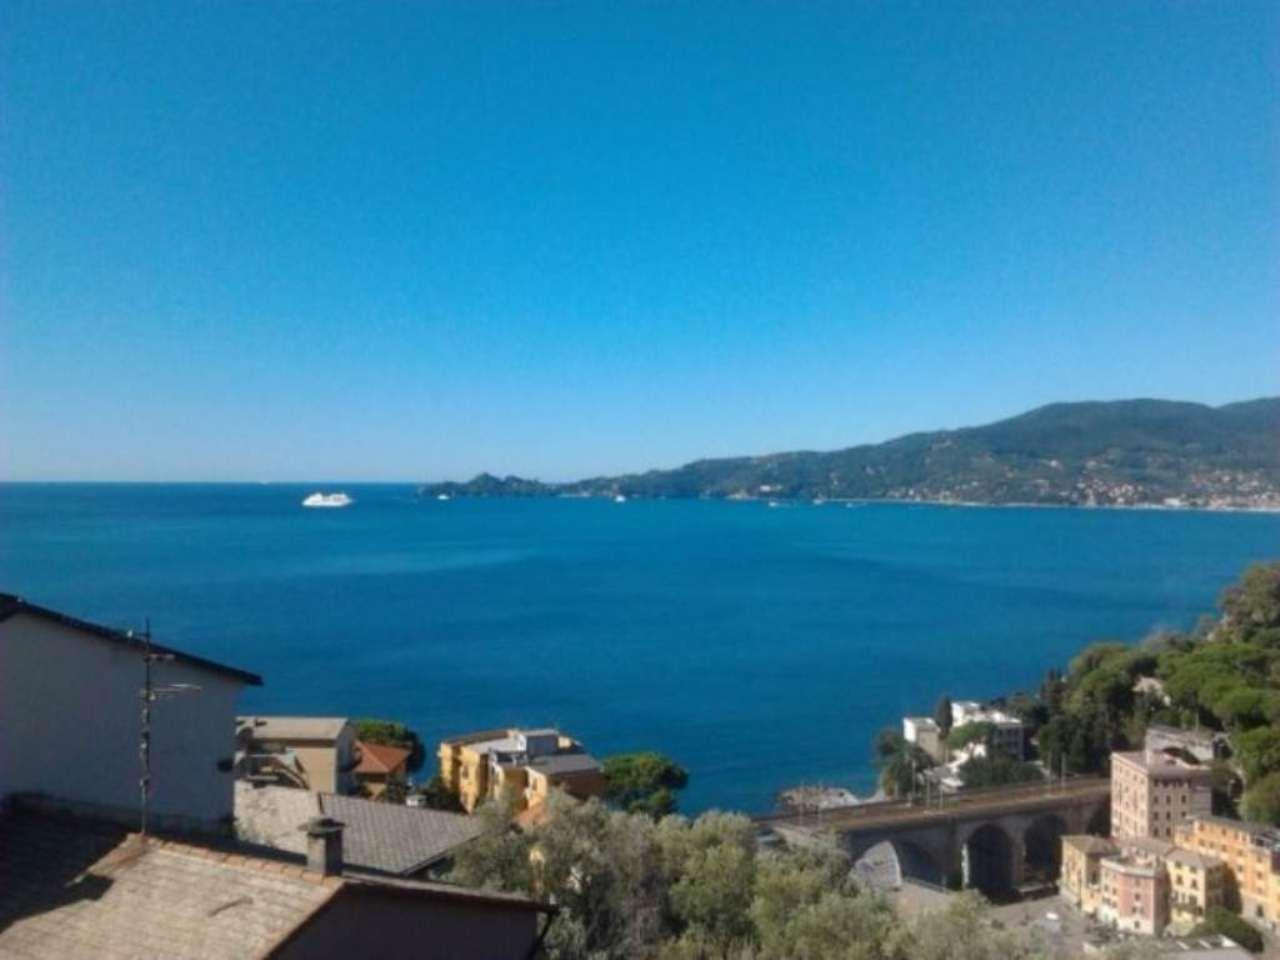 Attico / Mansarda in vendita a Zoagli, 3 locali, prezzo € 590.000 | PortaleAgenzieImmobiliari.it